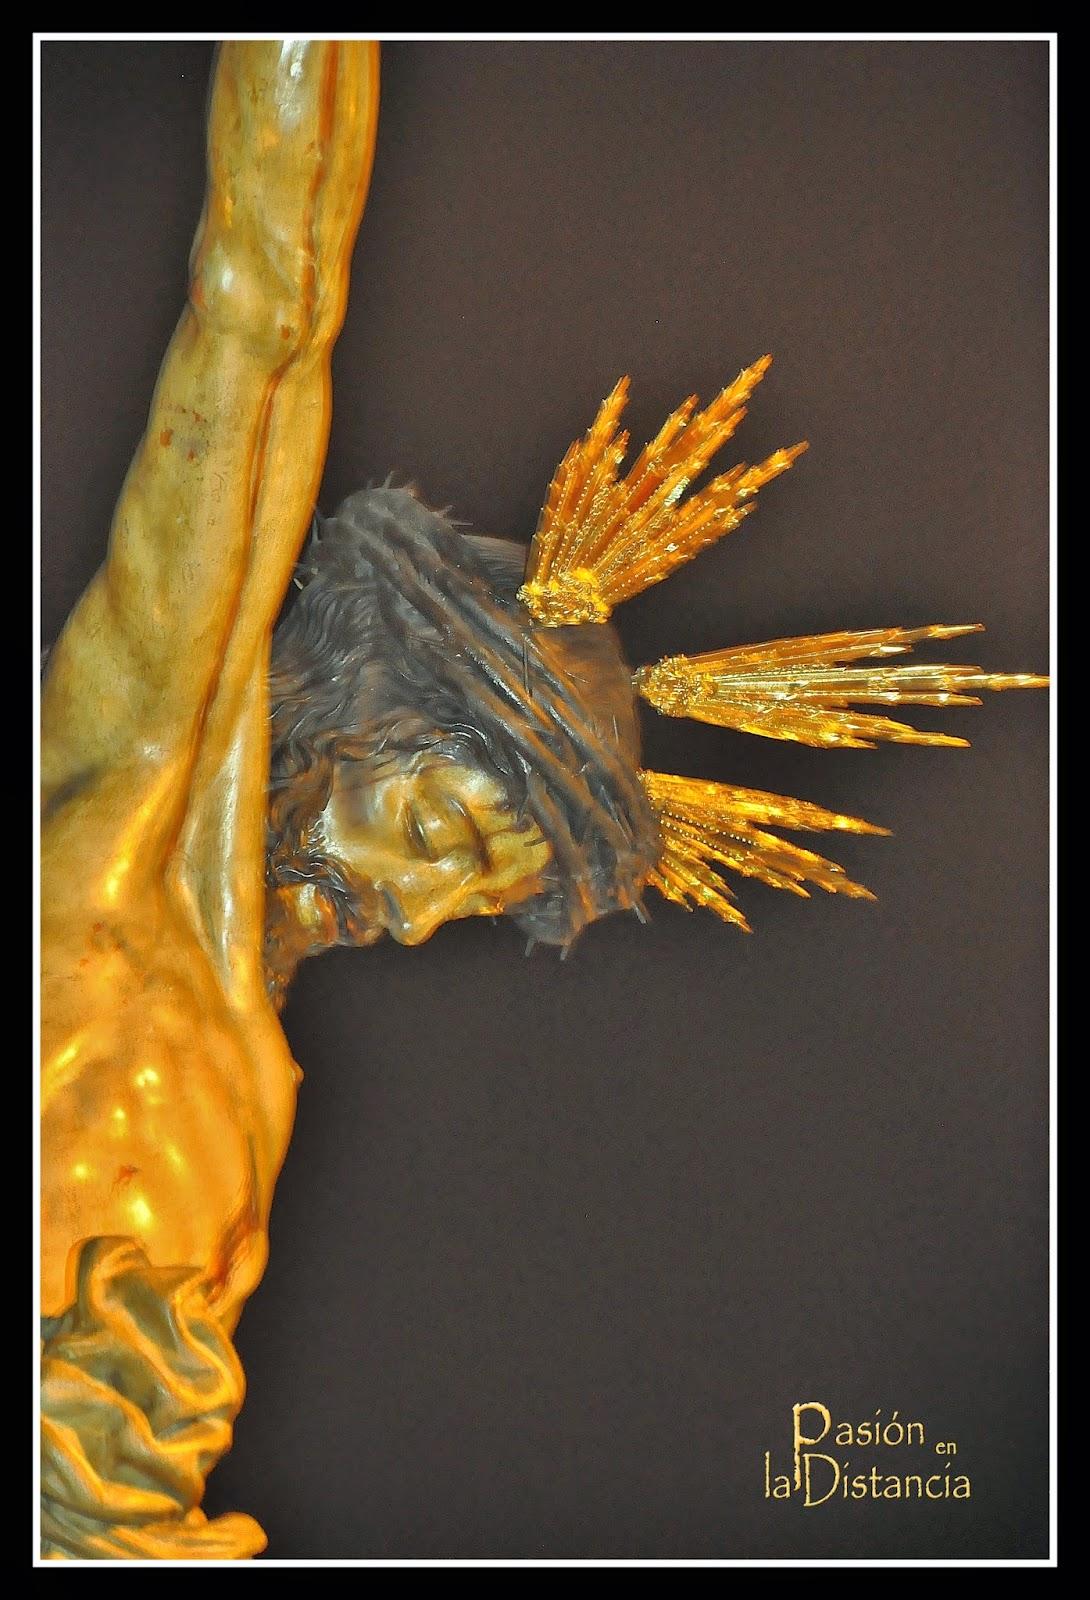 Cristo del Calvario Hermandad del Calvario Semana Santa Sevilla 2014